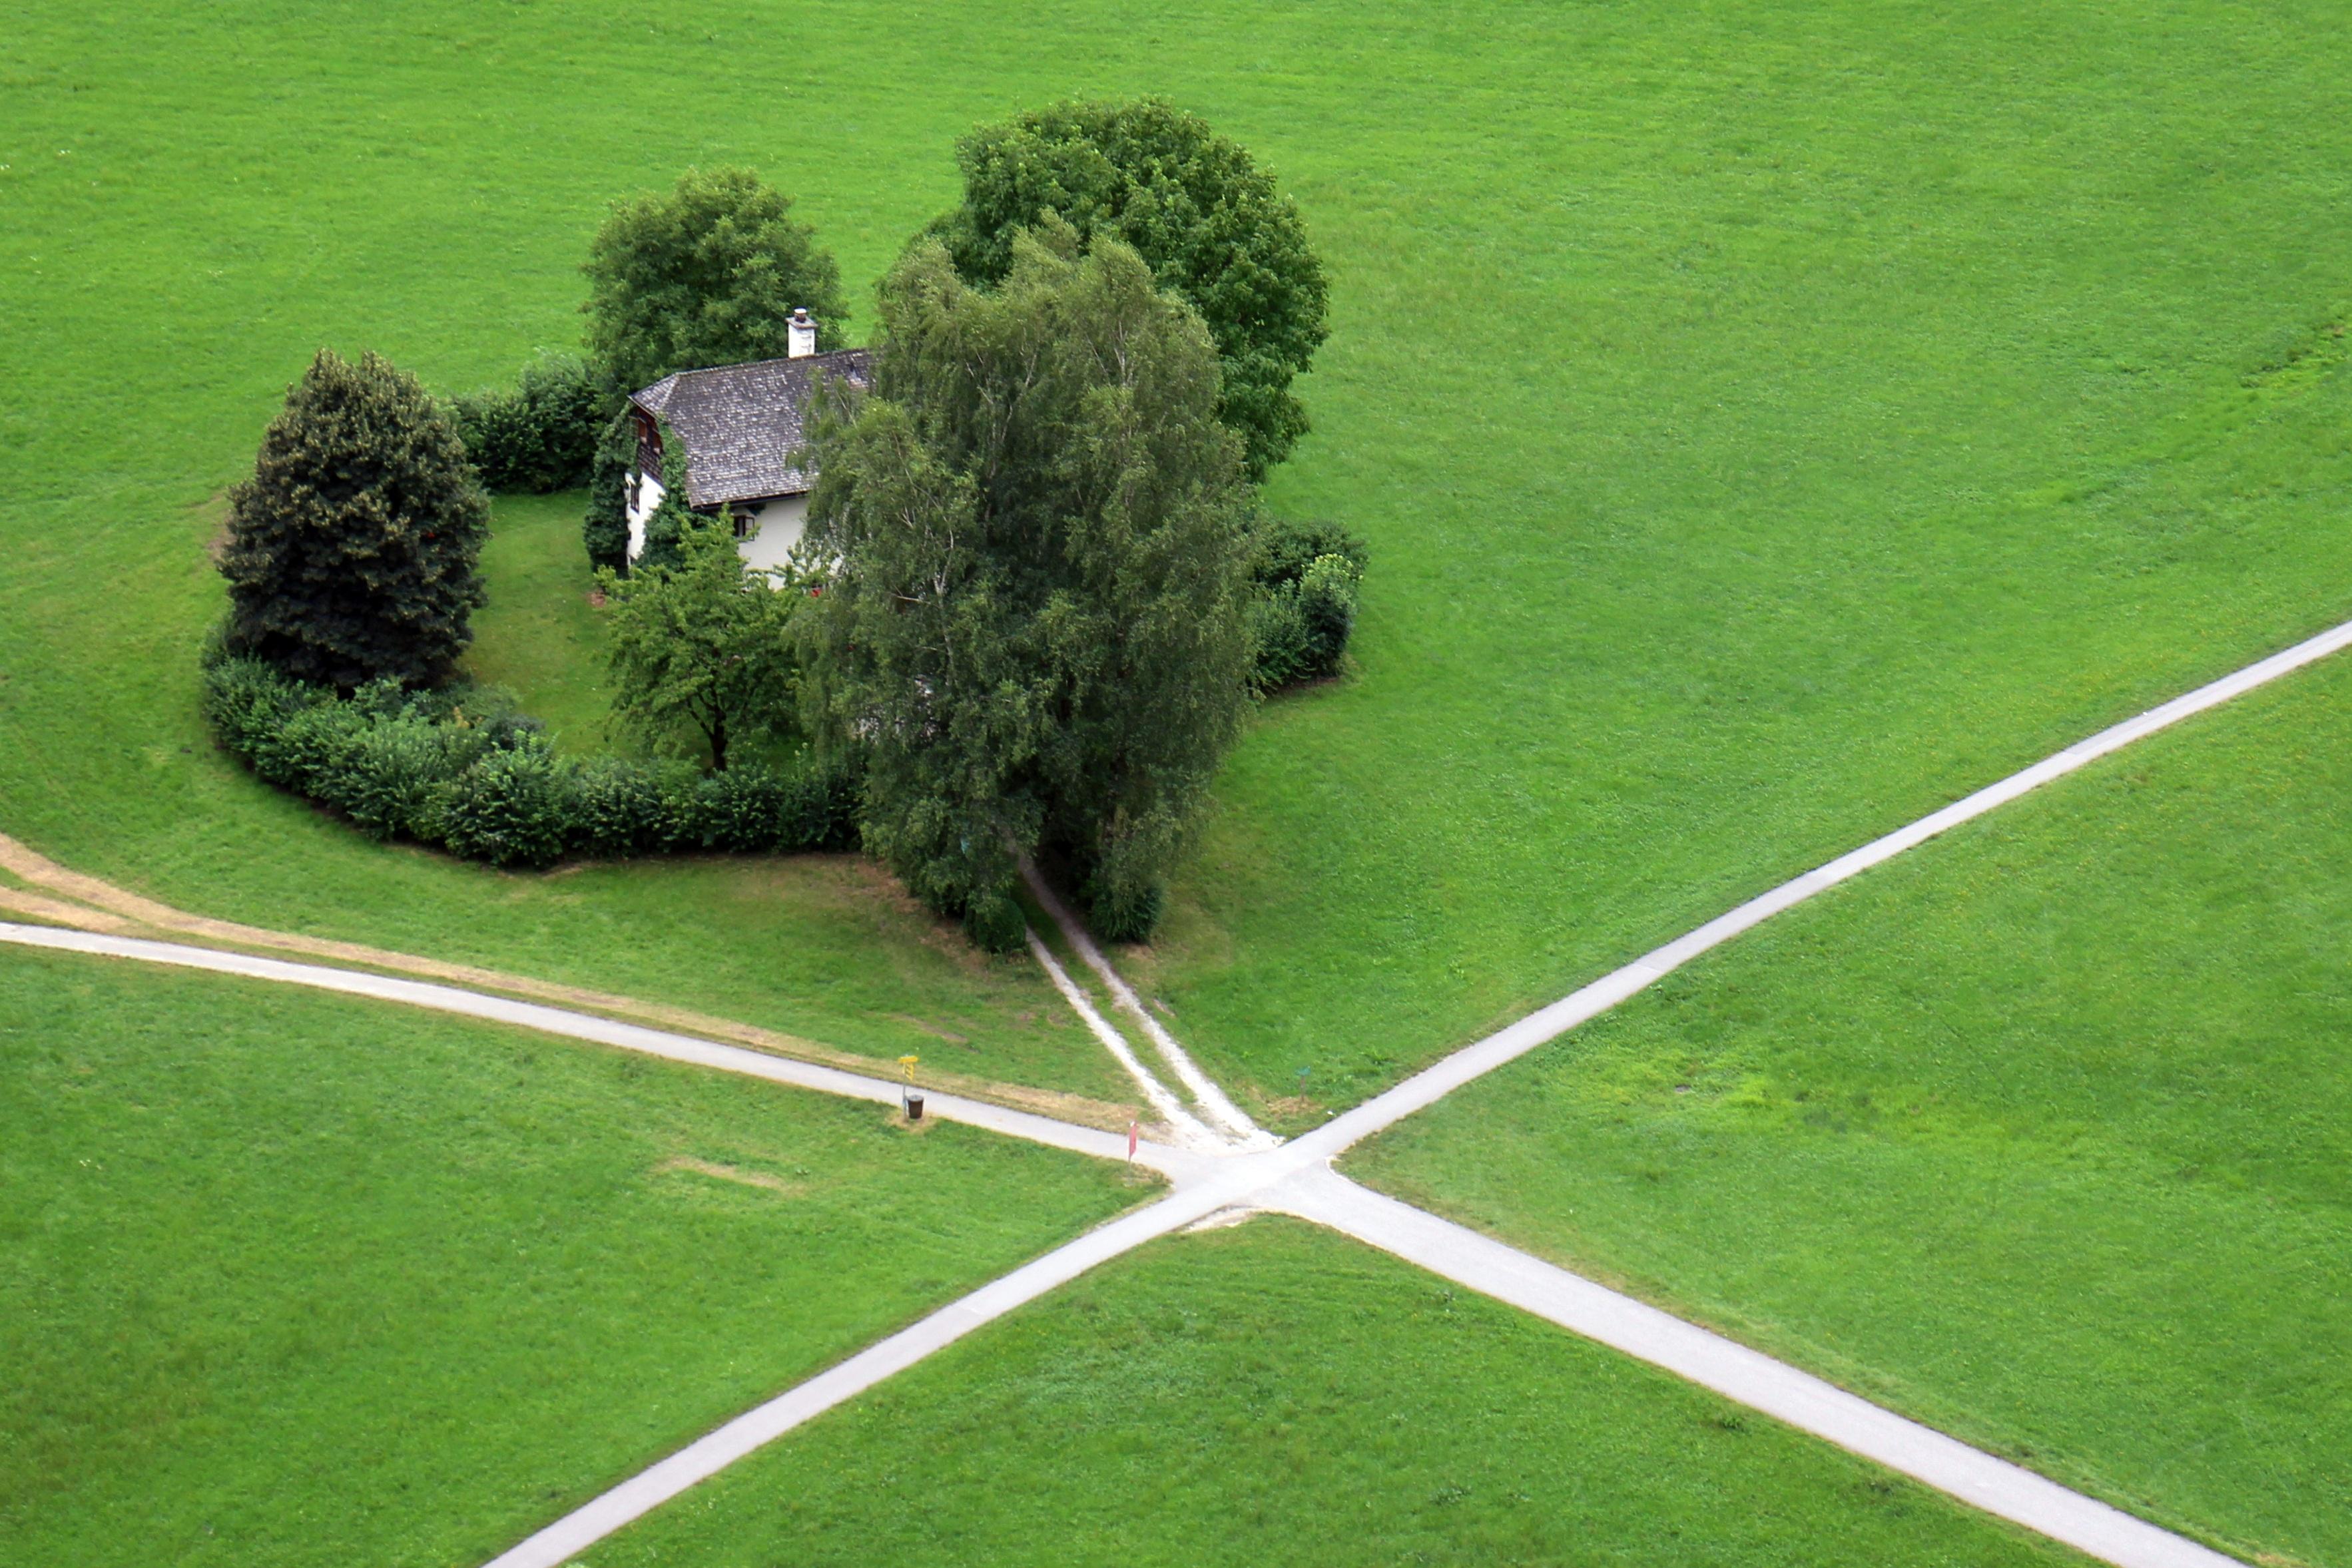 перекресток трех дорог фото